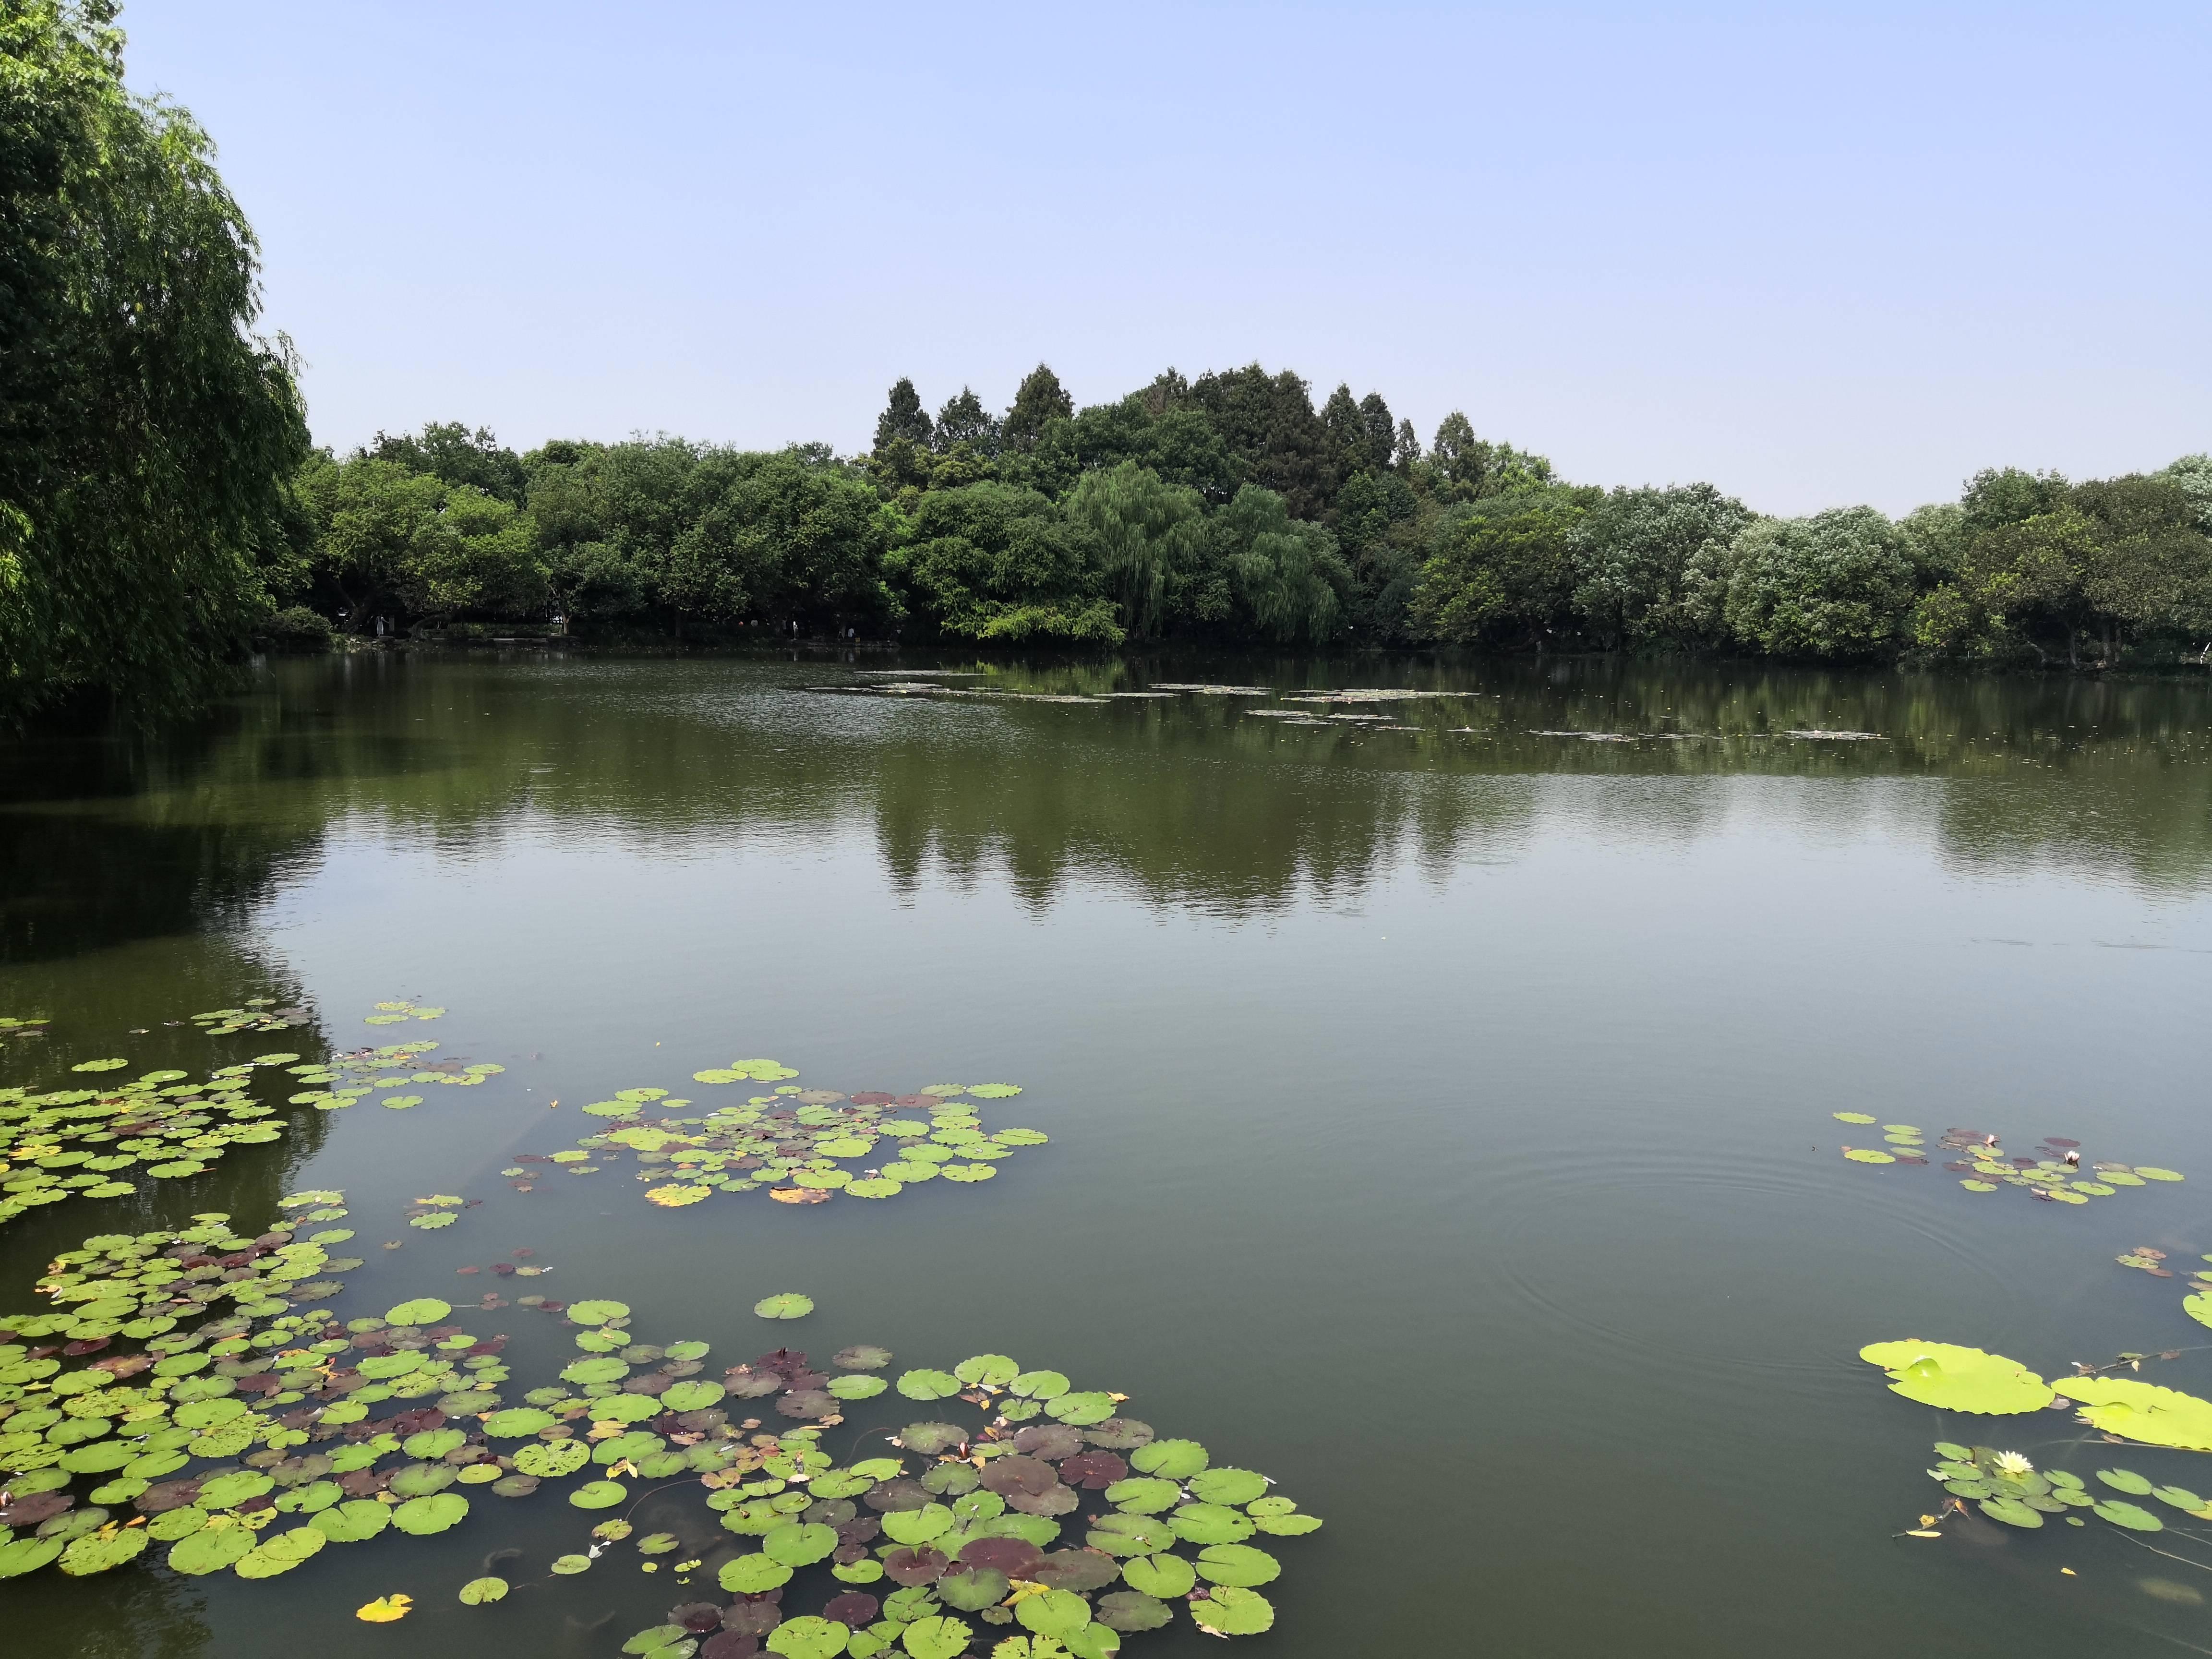 """原创             霸占杭州60%的美景,这个地方被誉为""""人间天堂"""",秋天美得醉人"""